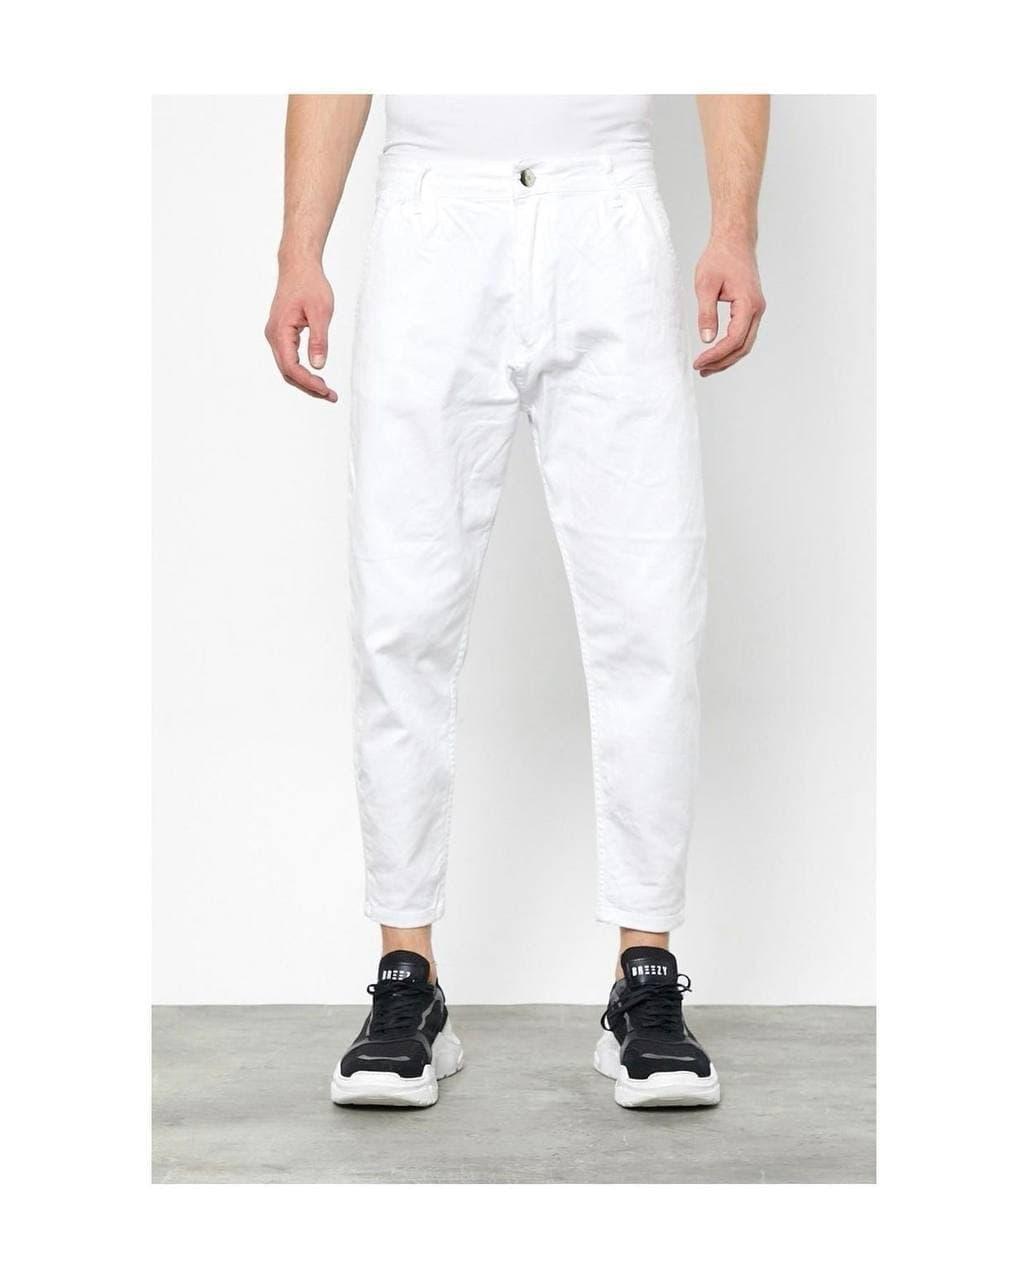 Джинсы - Мужские белые джинсы / чоловічі джинси білі МОМ